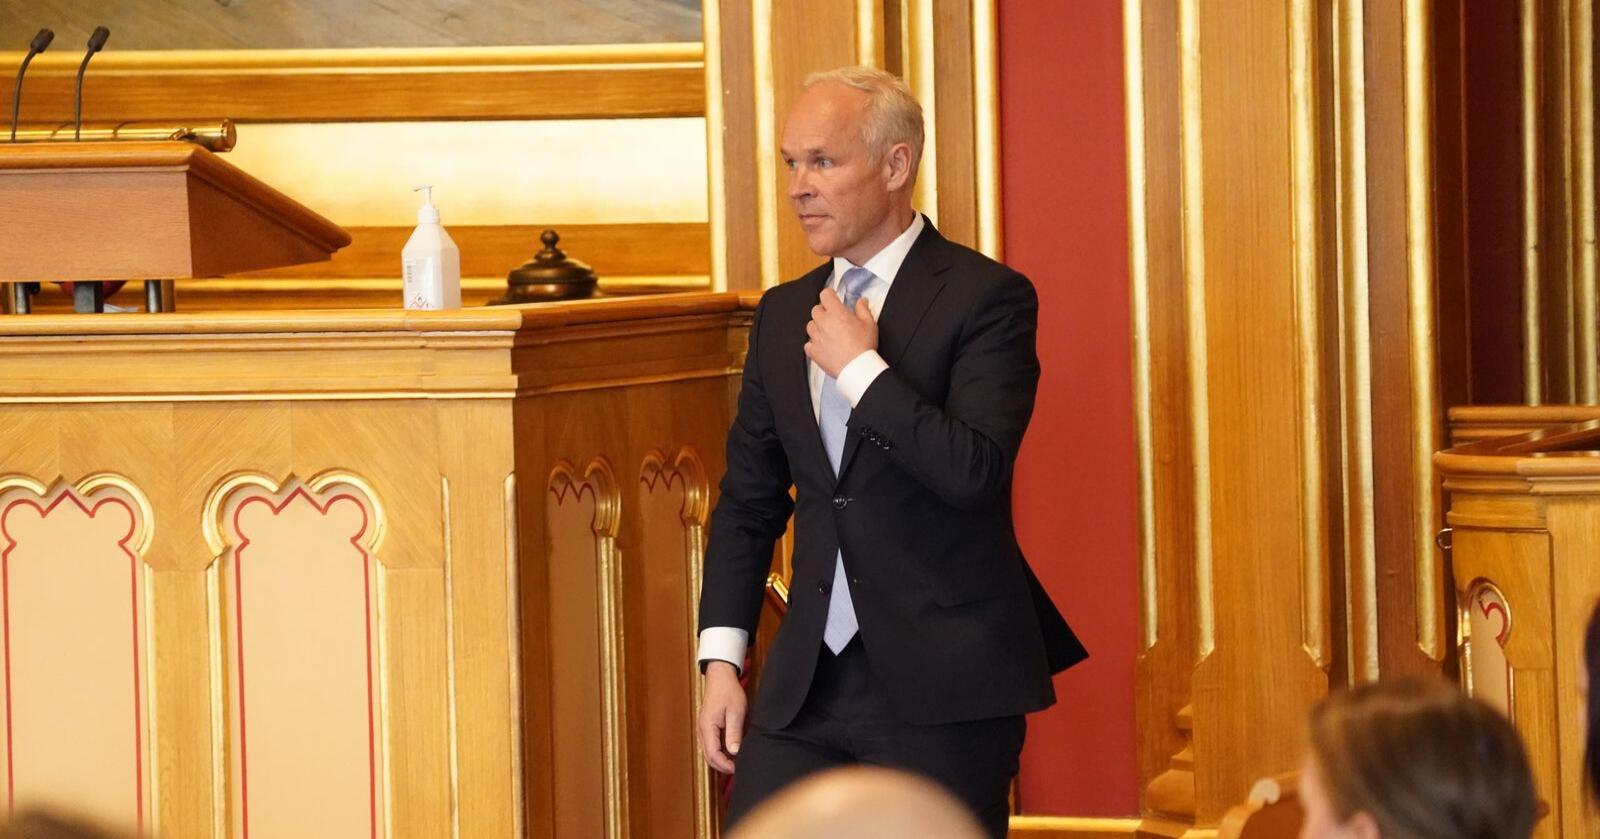 Finansminister Jan Tore Sanner legger fram revidert nasjonalbudsjett i Stortinget. Foto: Lise Åserud / NTB scanpix